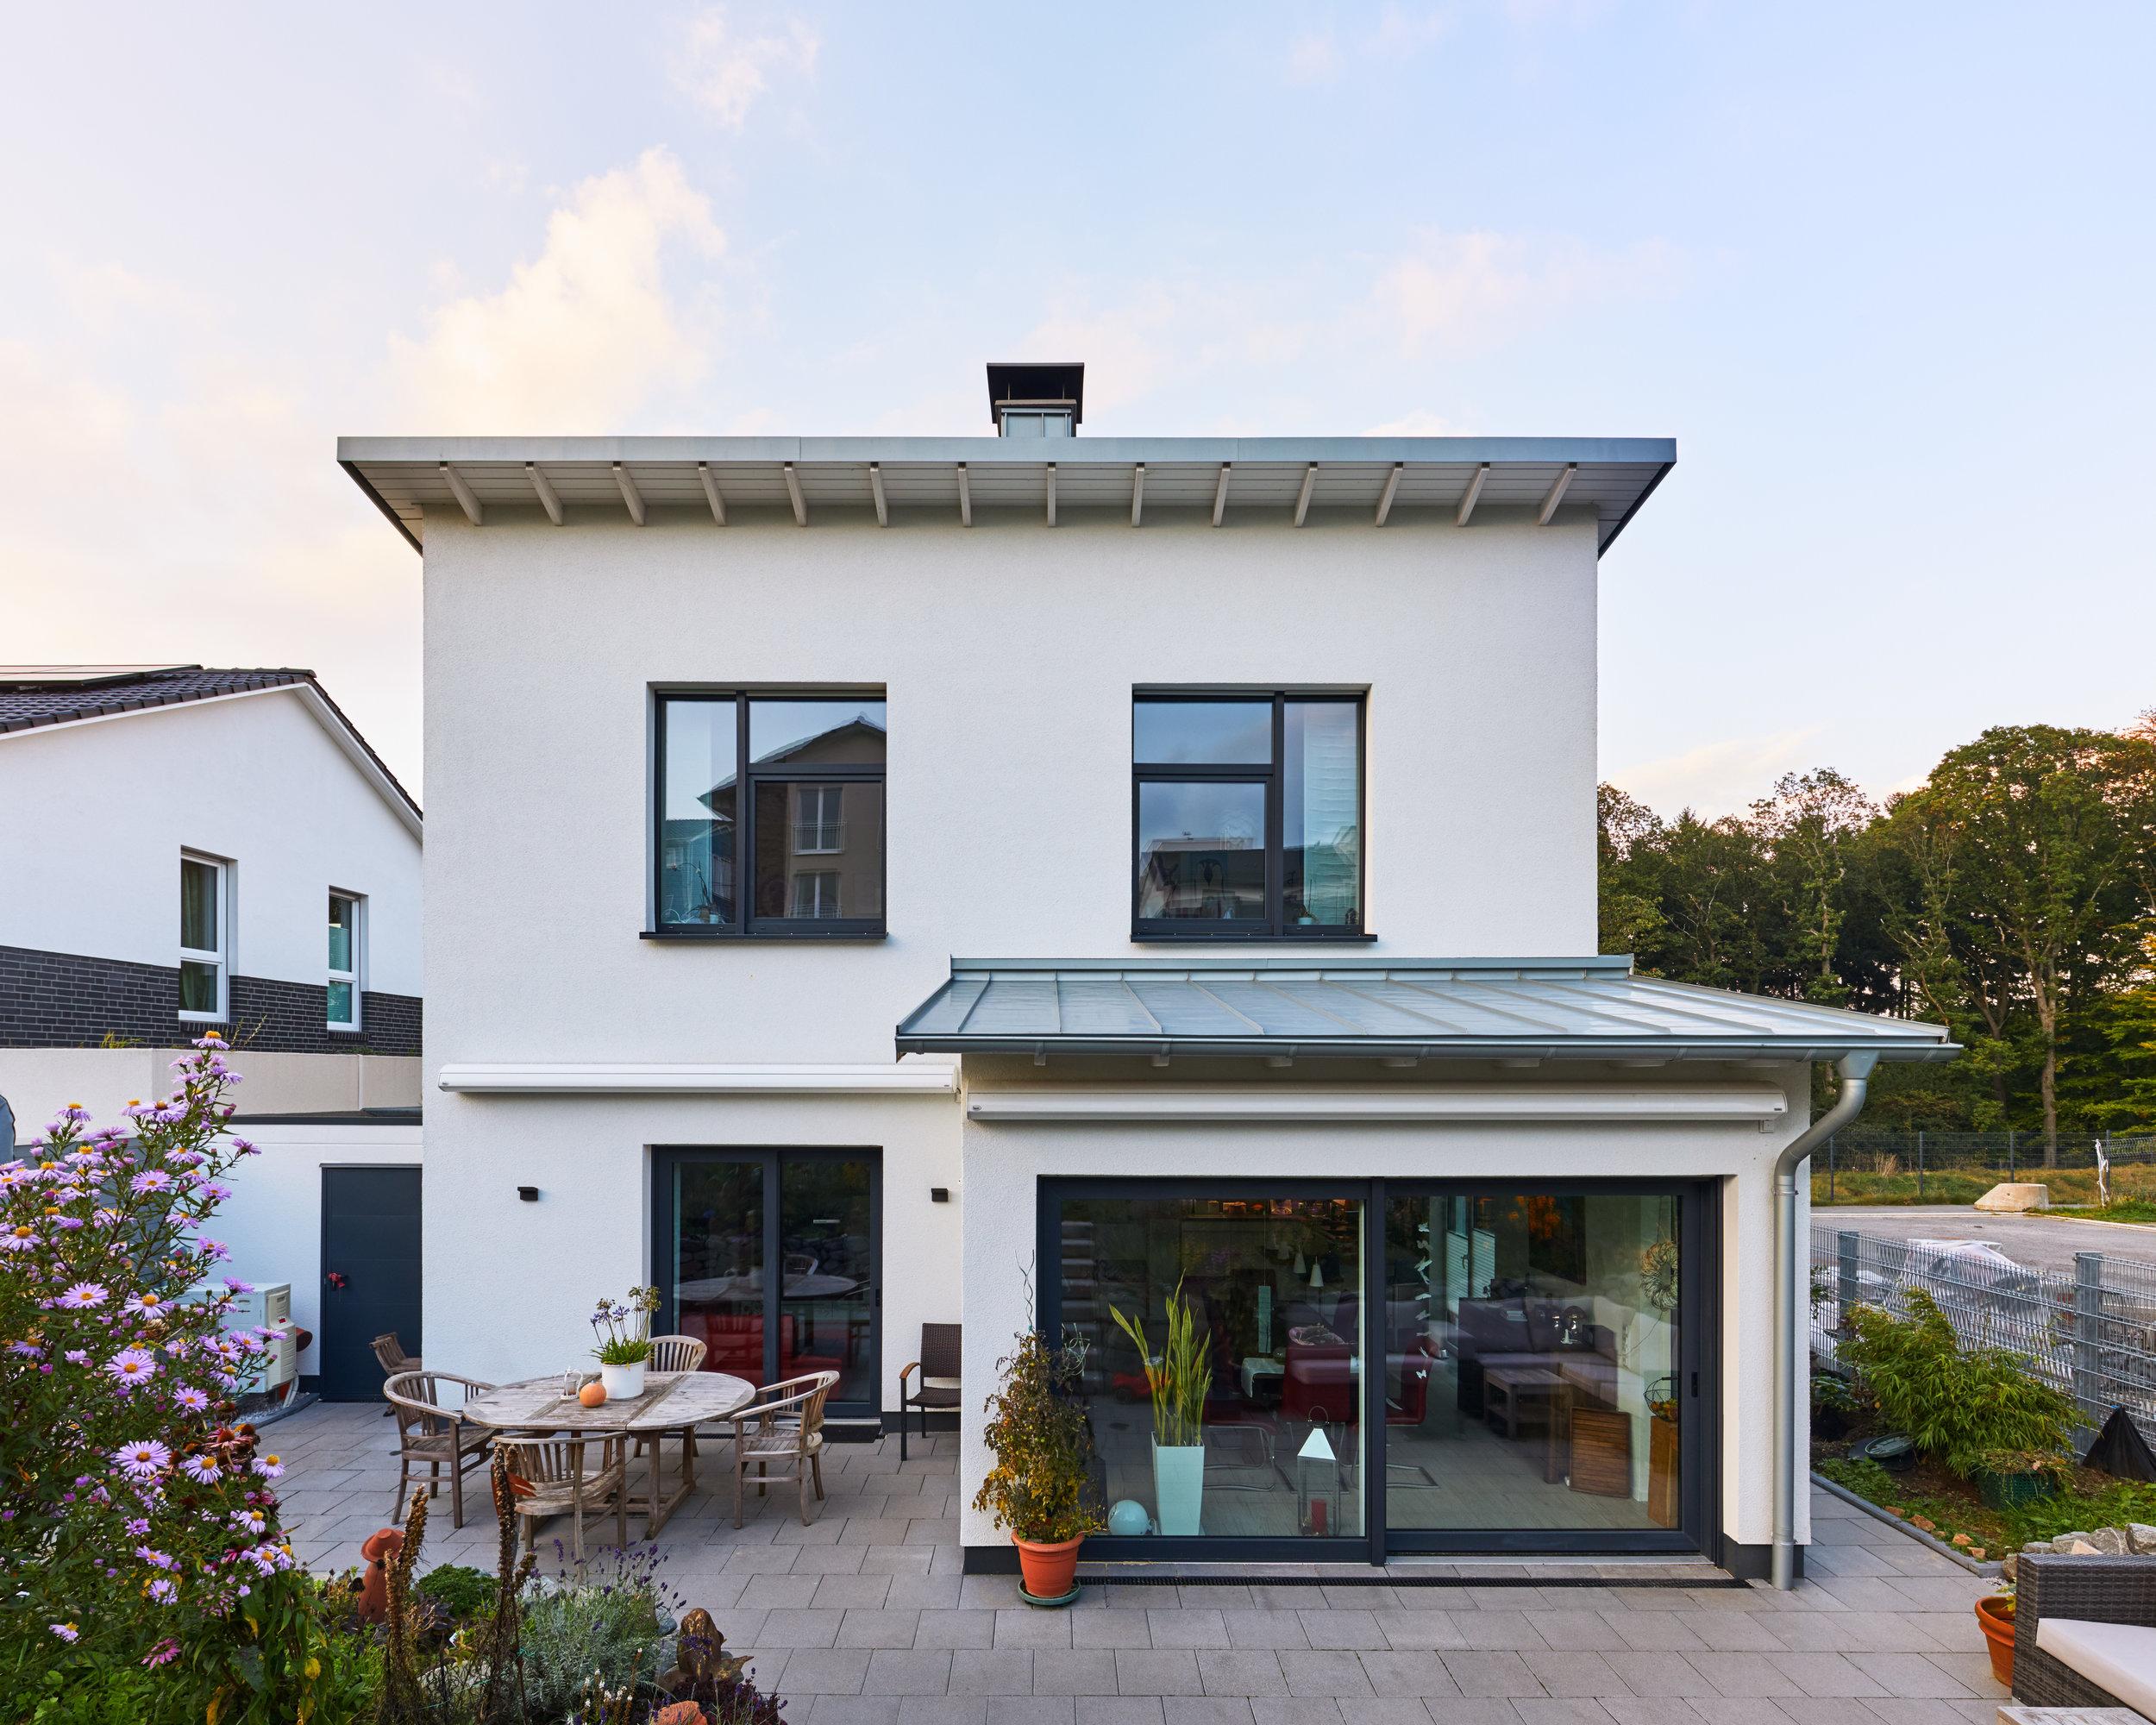 einfamilienhaus-winterberg-schwelm-01.jpg